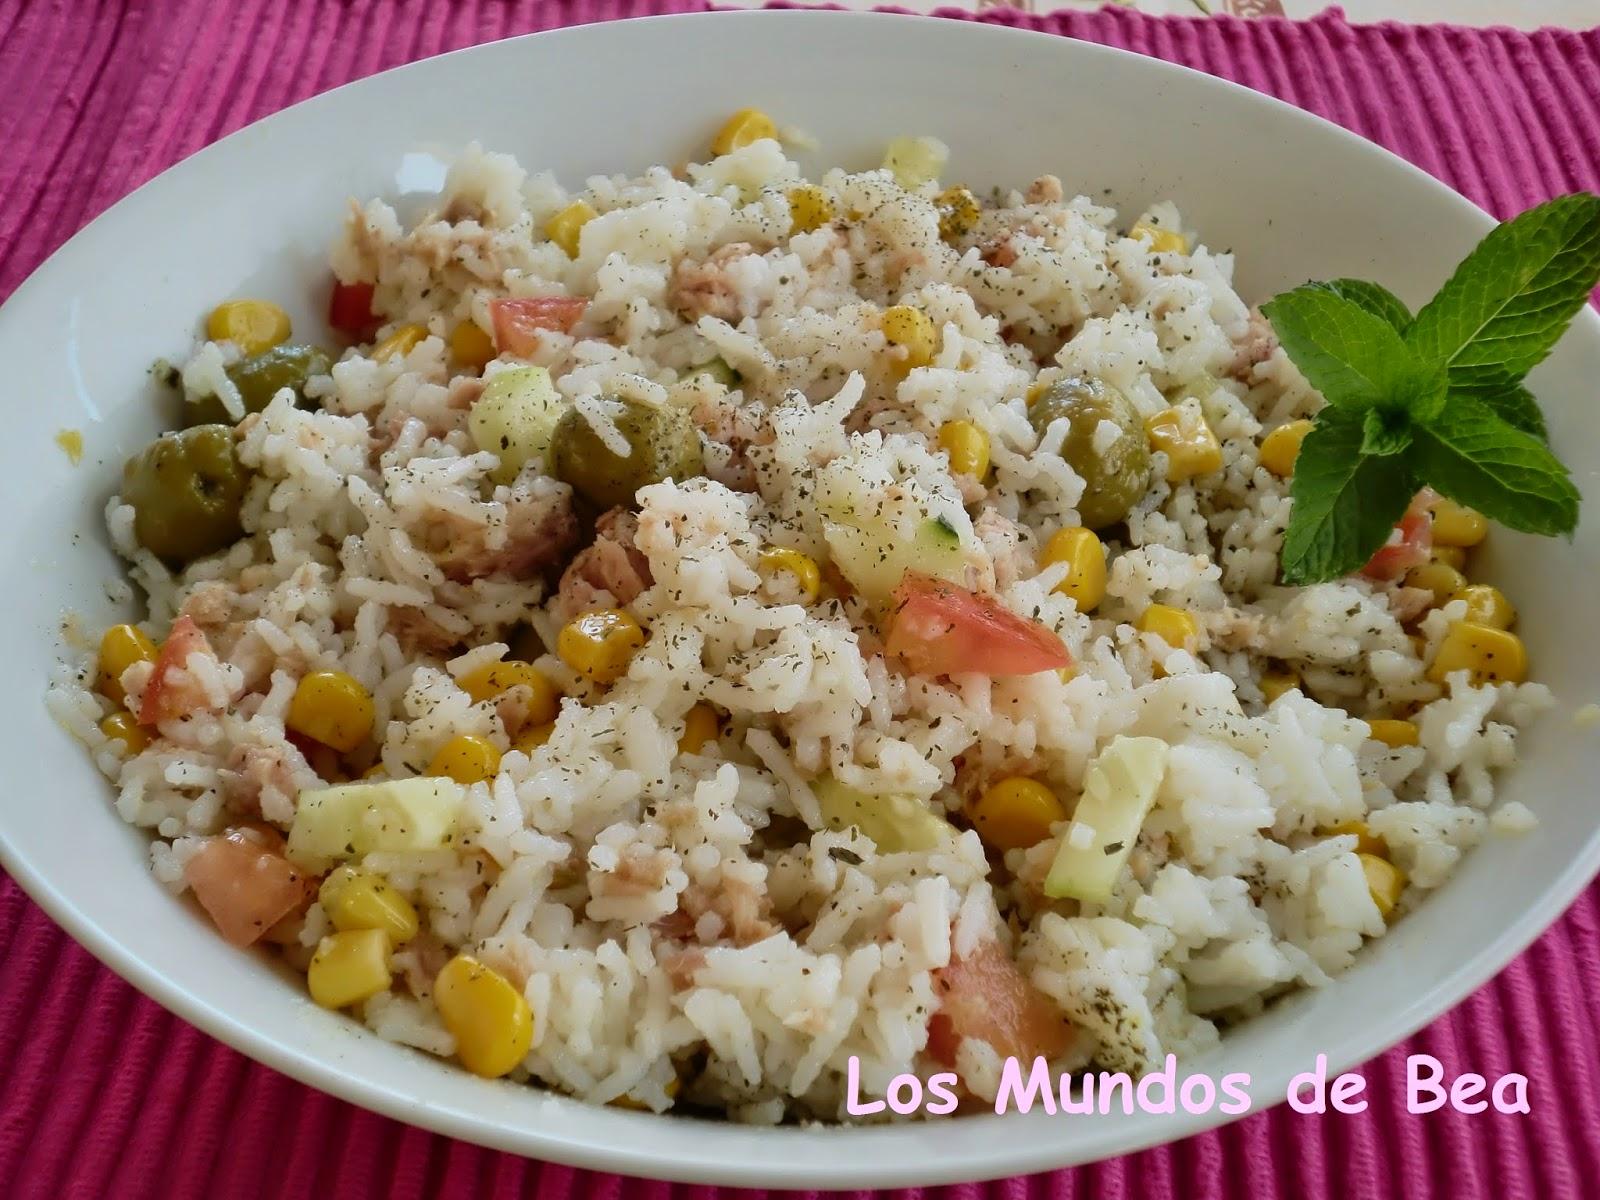 Los mundos de bea ensalada fresca de arroz basmati y at n - Ensalada de arroz y atun ...